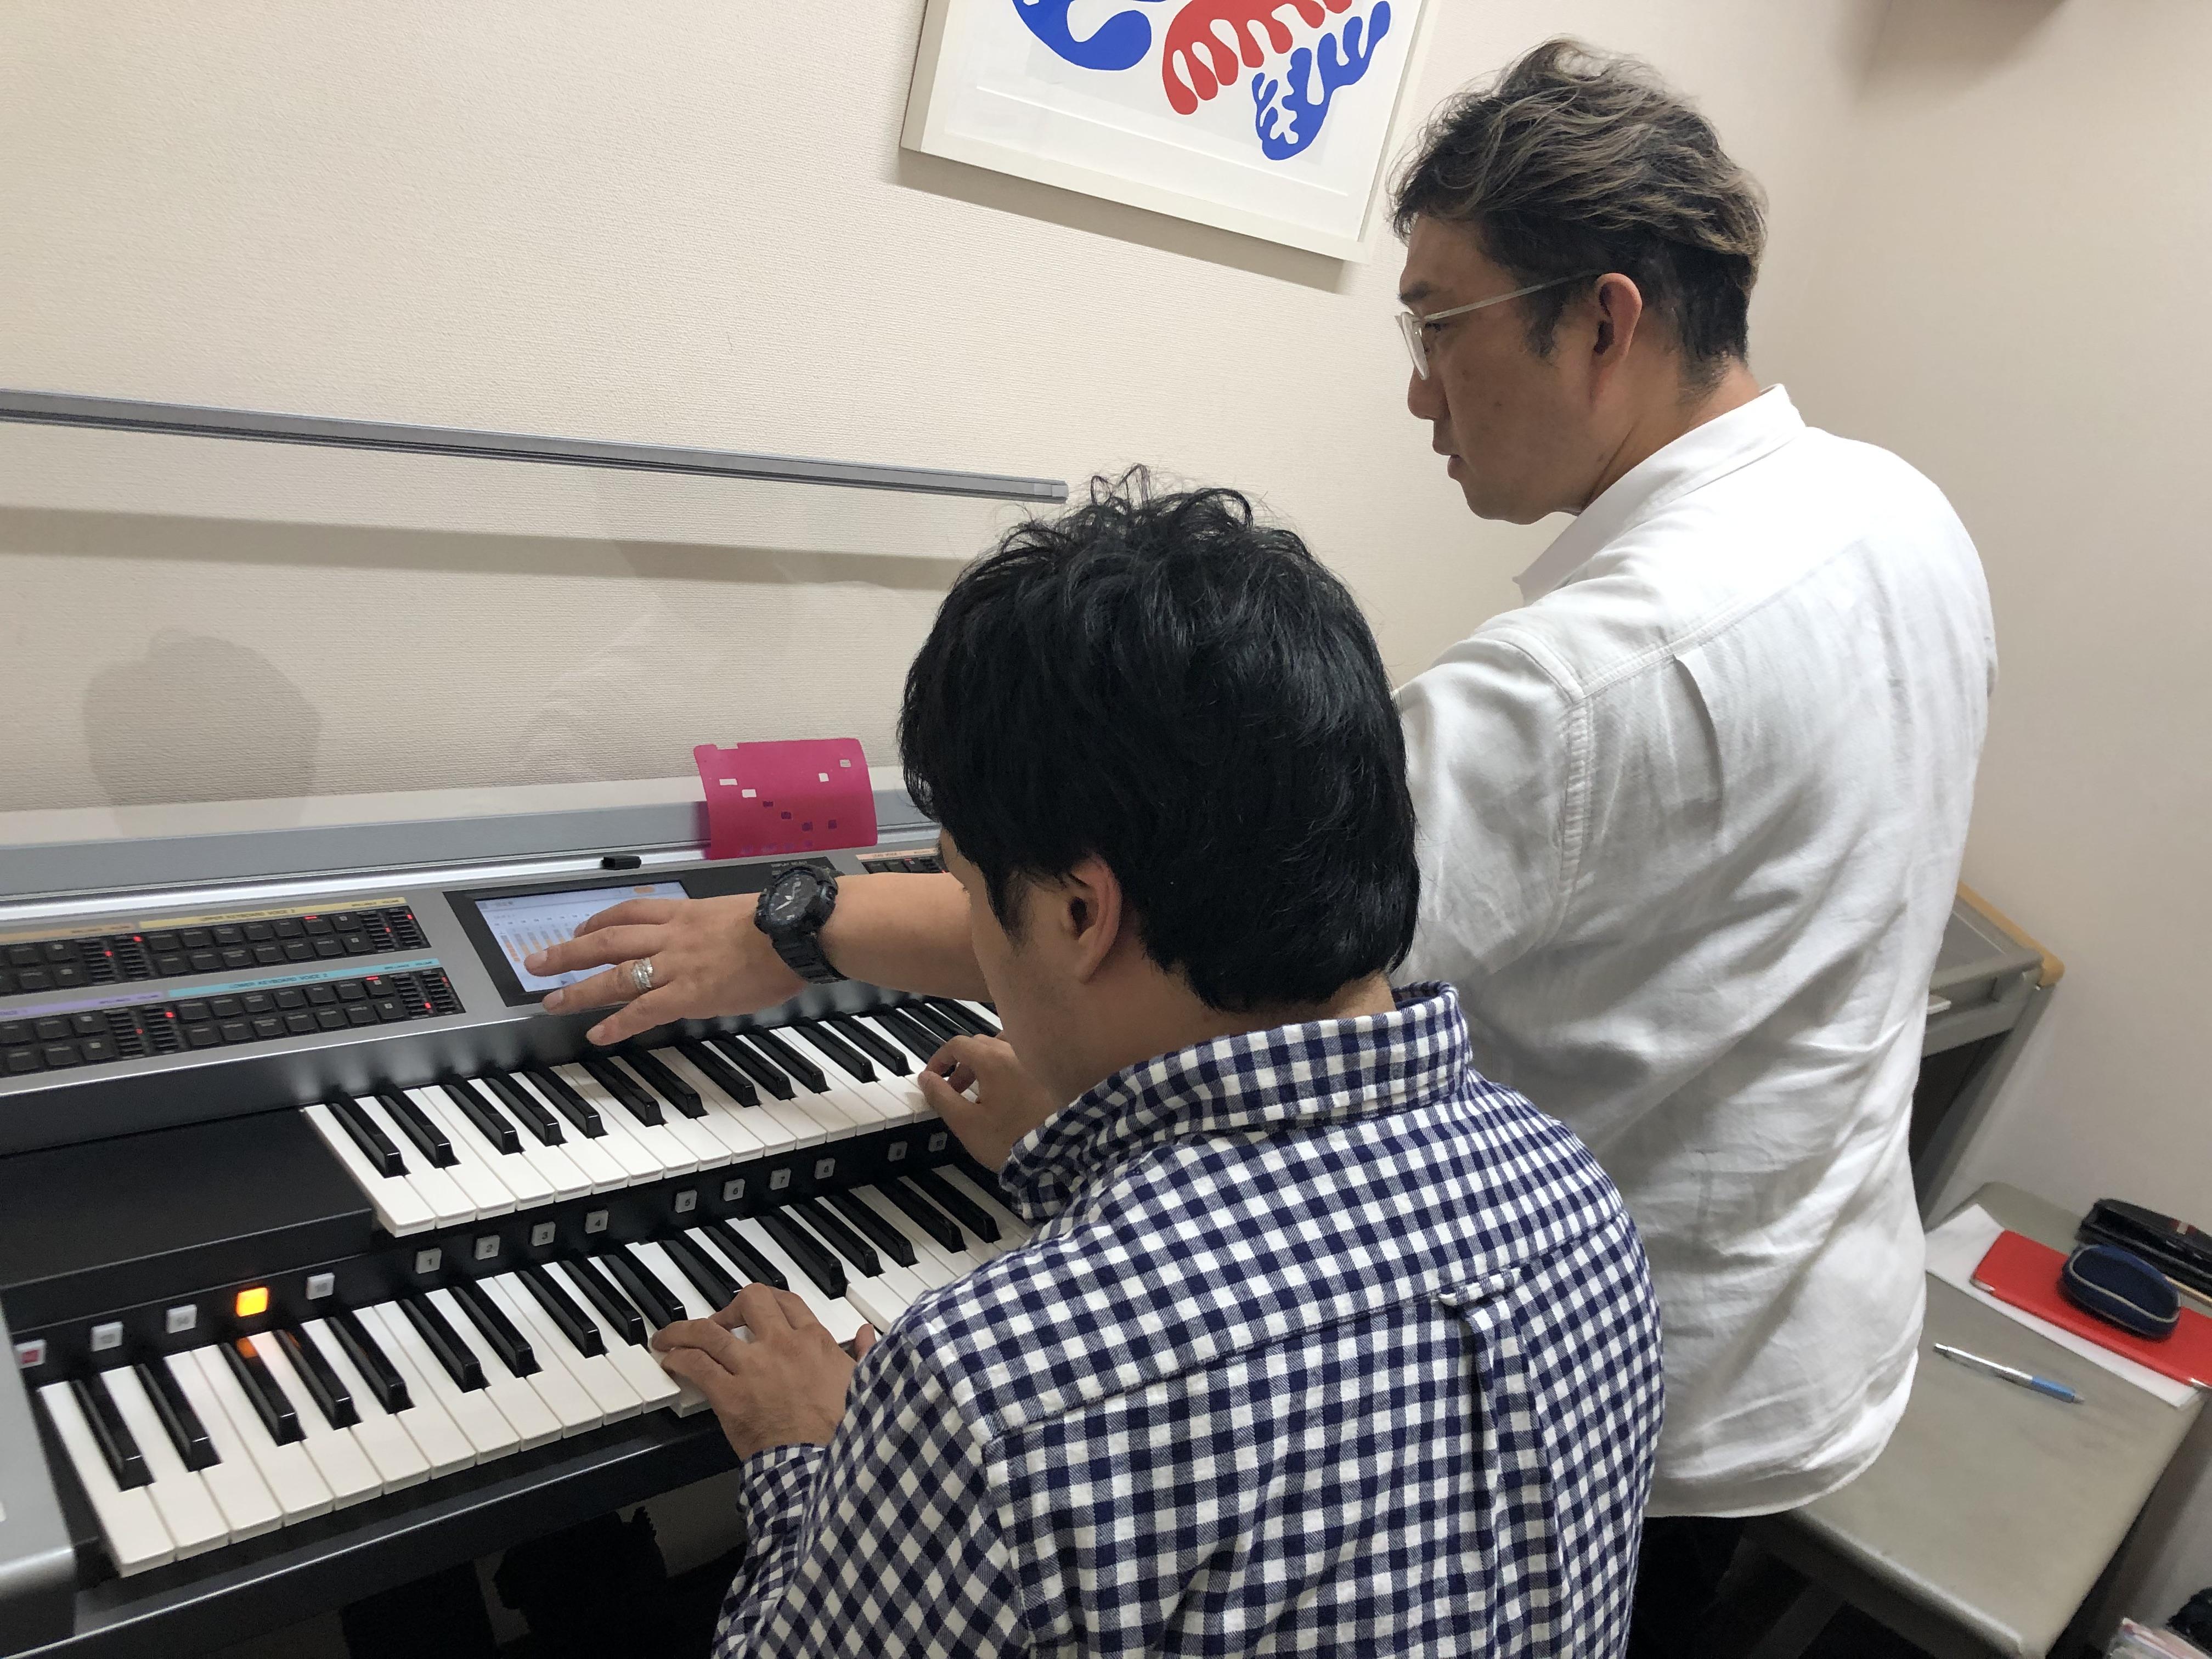 国立音楽院の練習室で個人実技レッスンを行うおぎたひろゆき先生と指導を受ける川越亮くん。